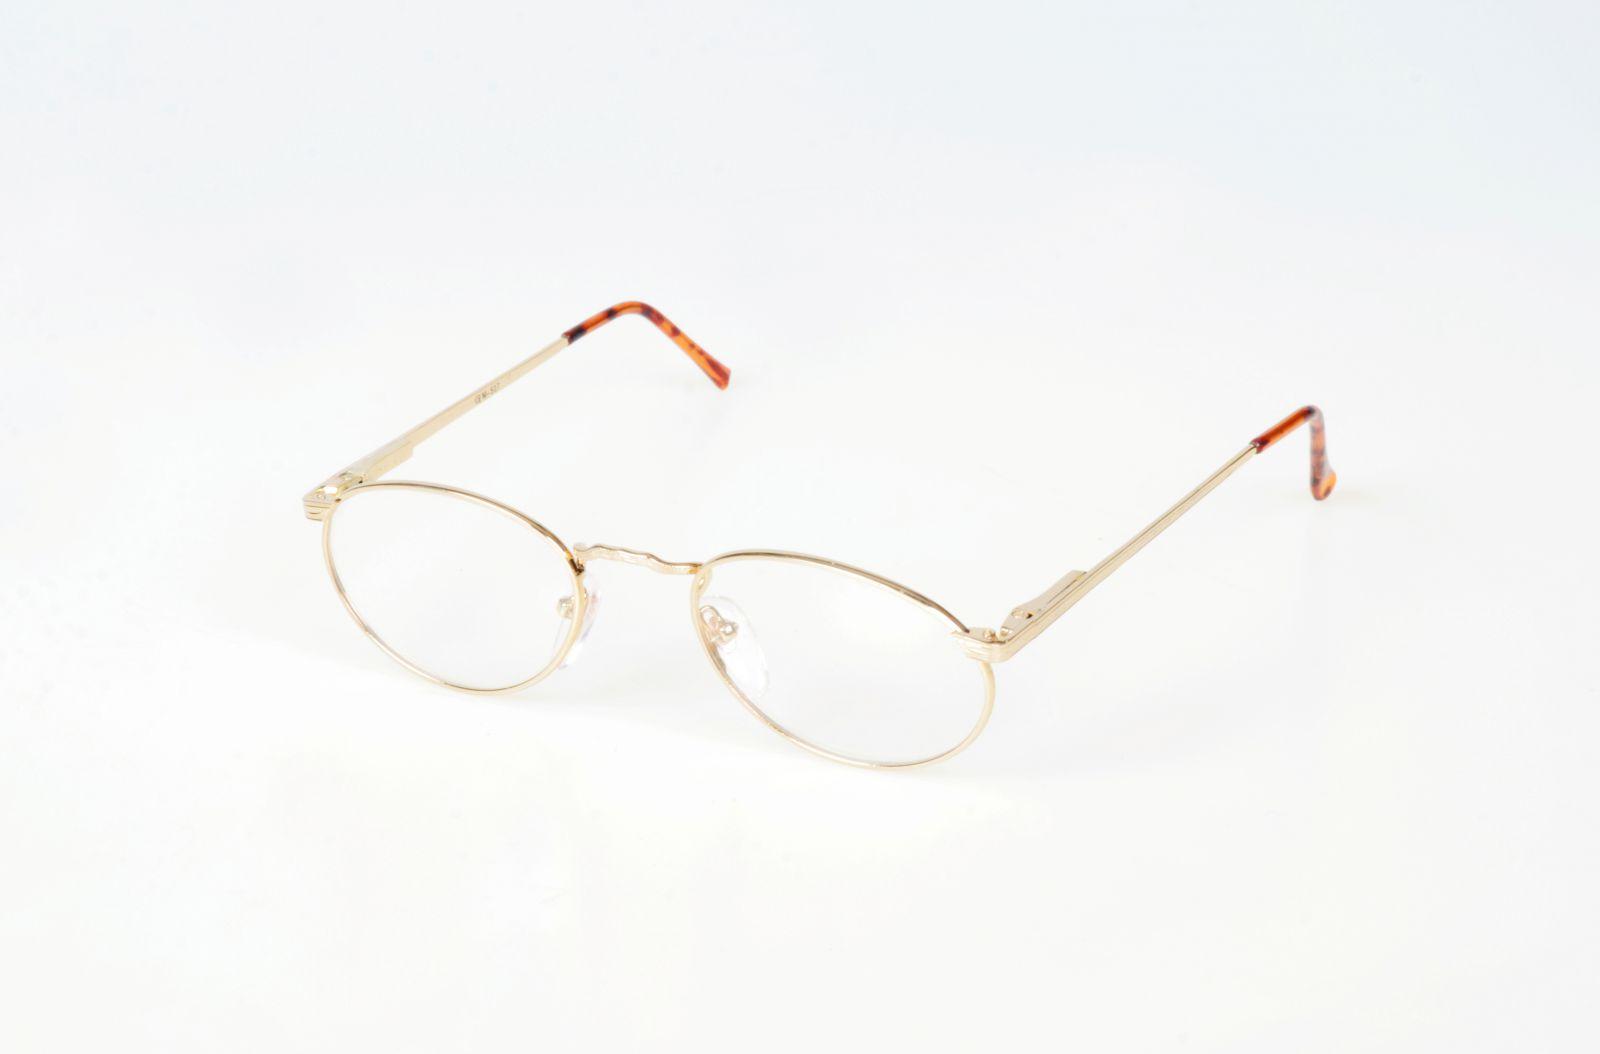 Obroučky dioptrických brýlí 517